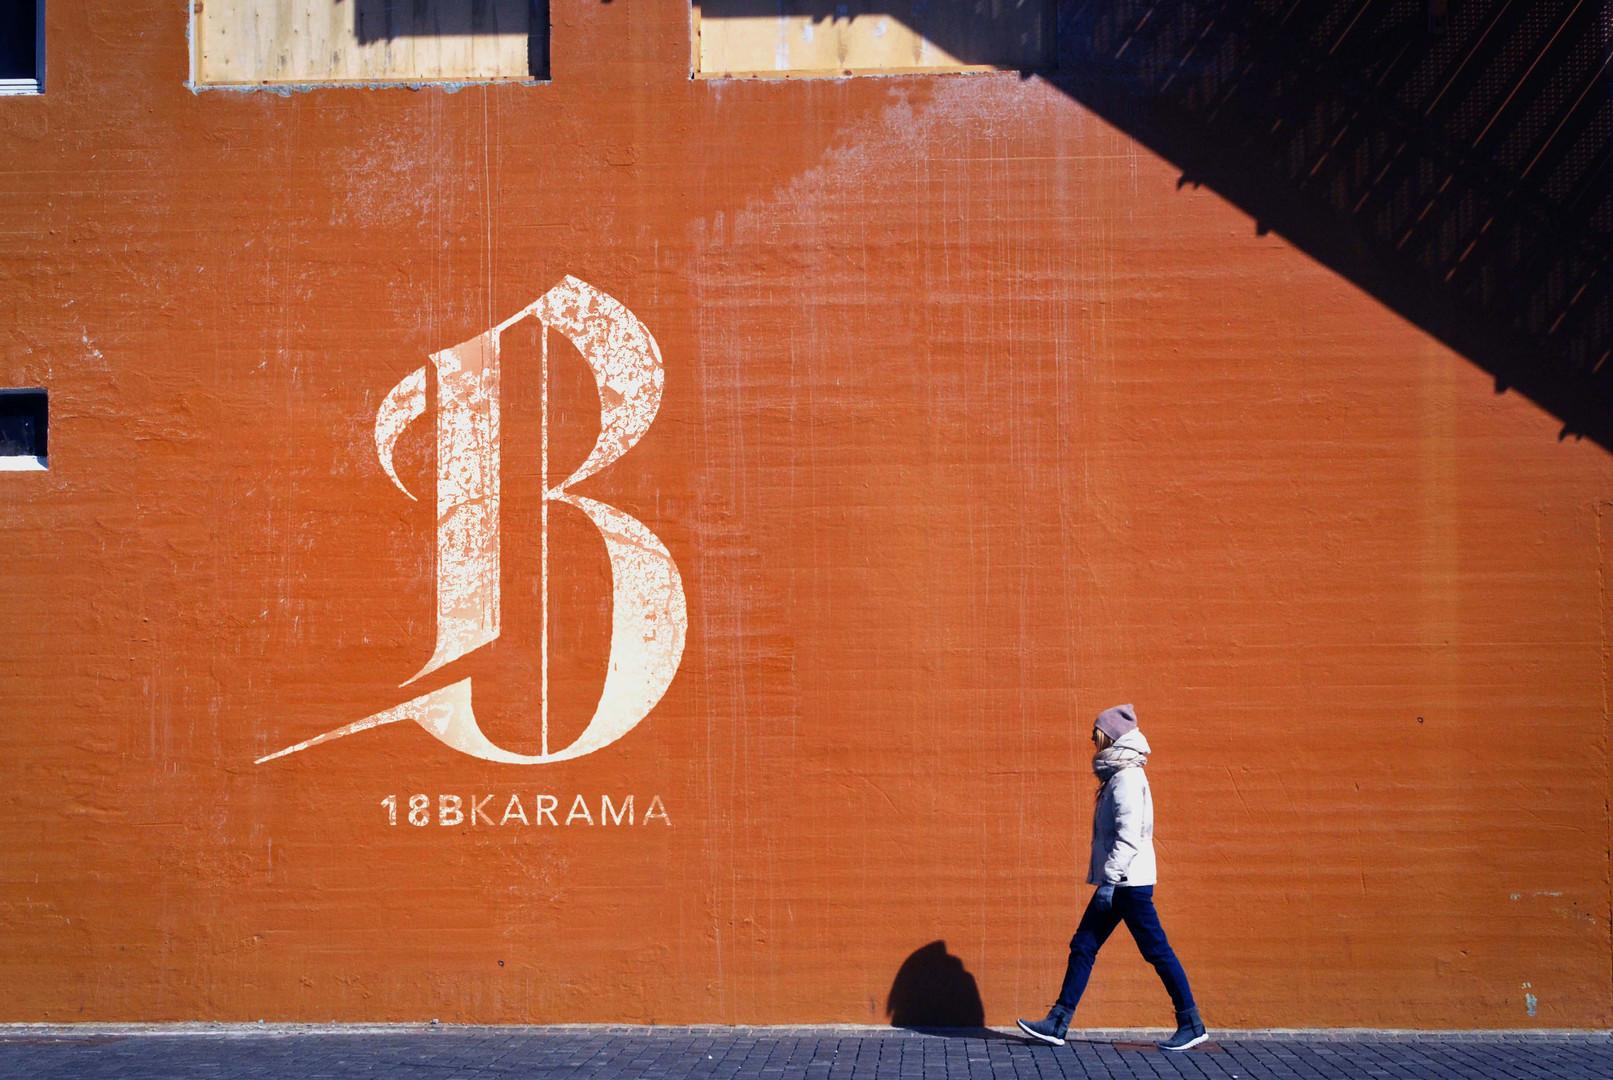 18BKarama-Mockup.jpg